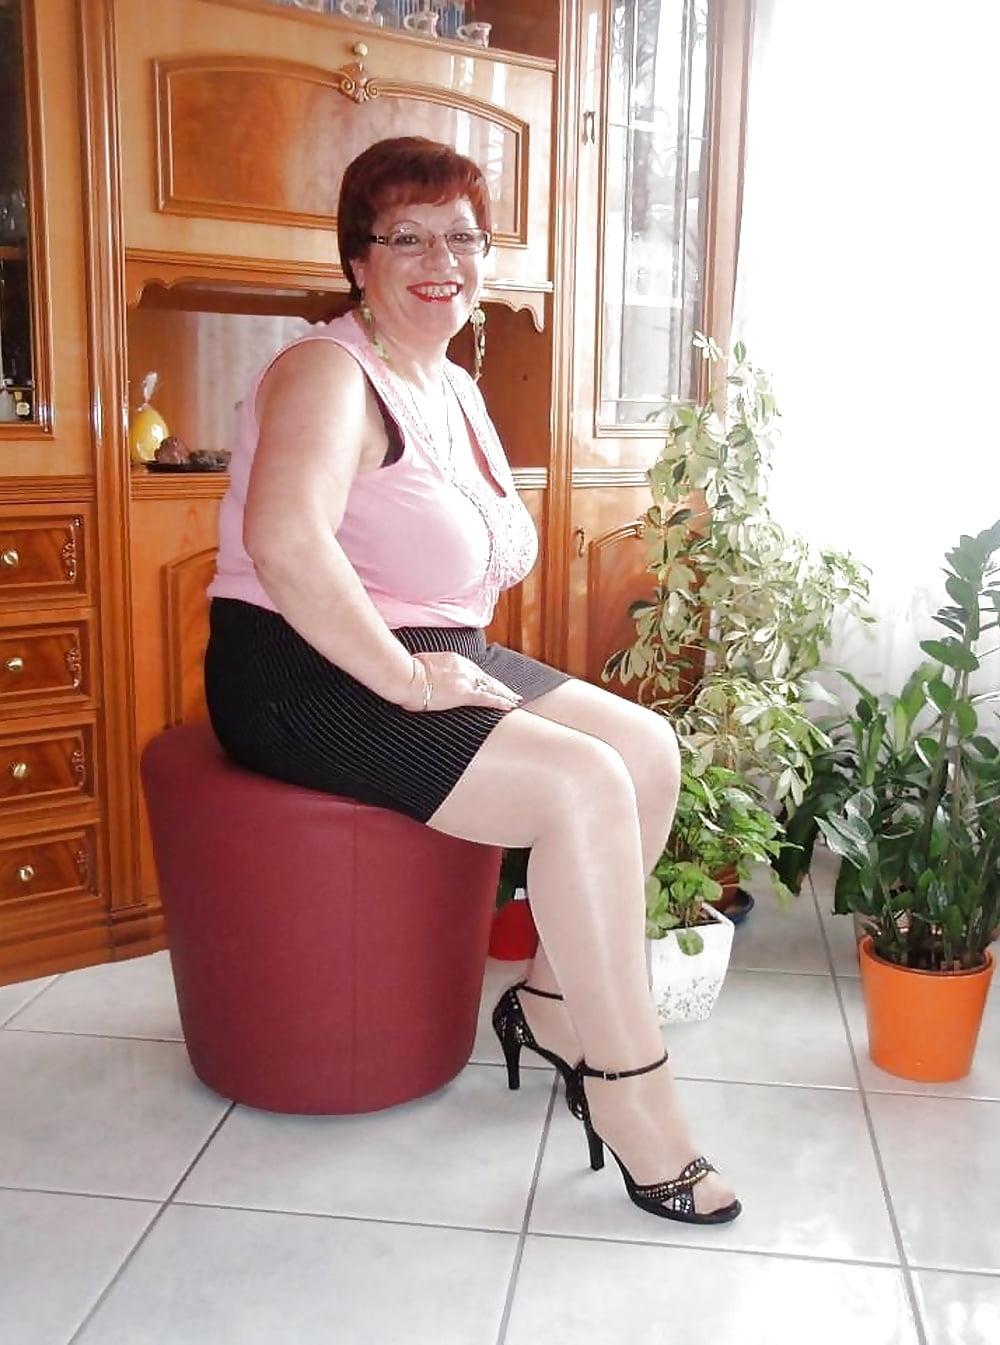 такие фото пожилая толстая тетя в юбке того, актриса призналась